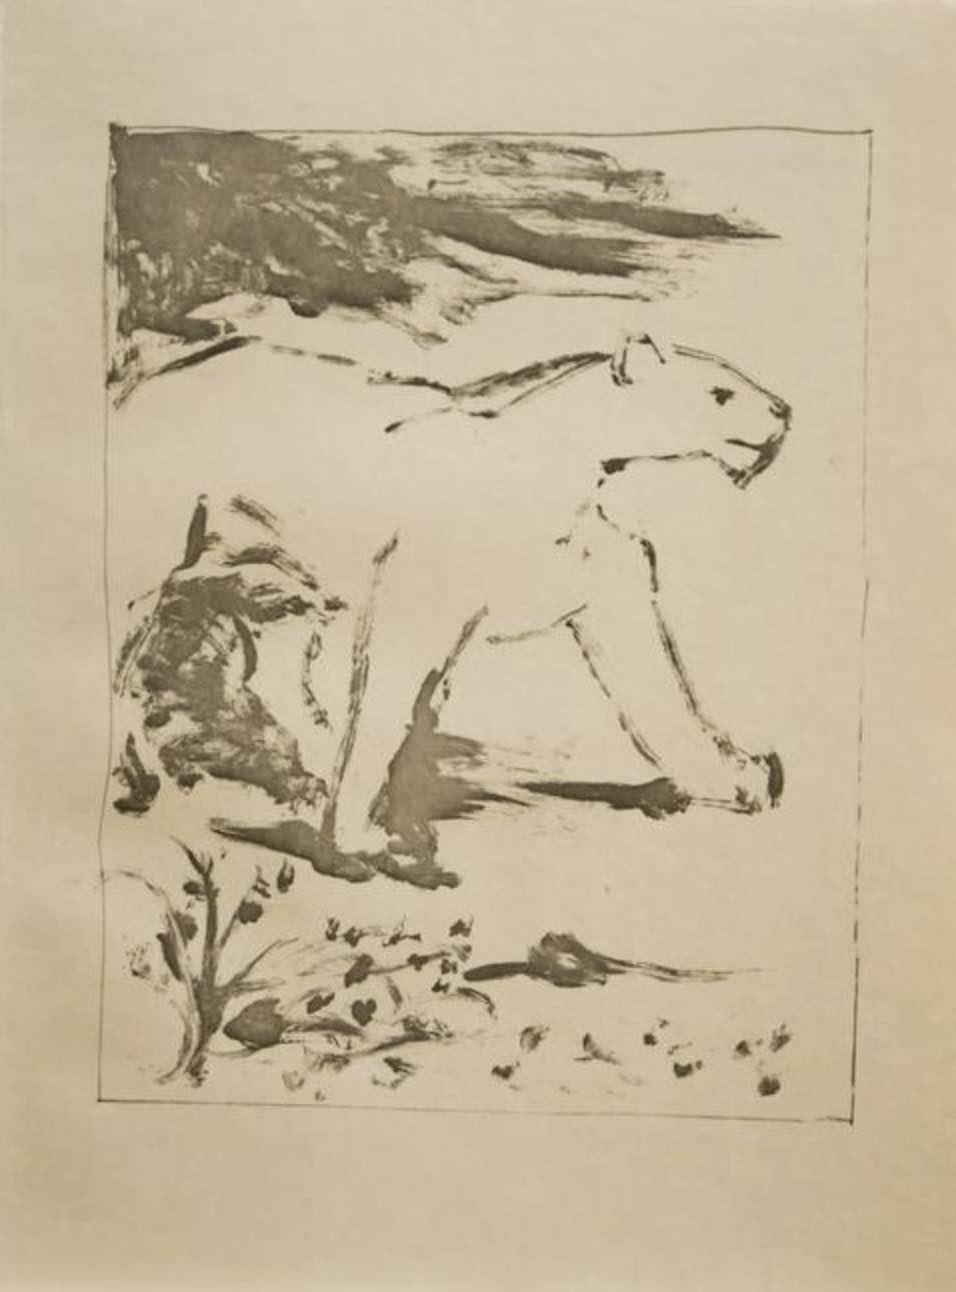 La Lionne by Picasso